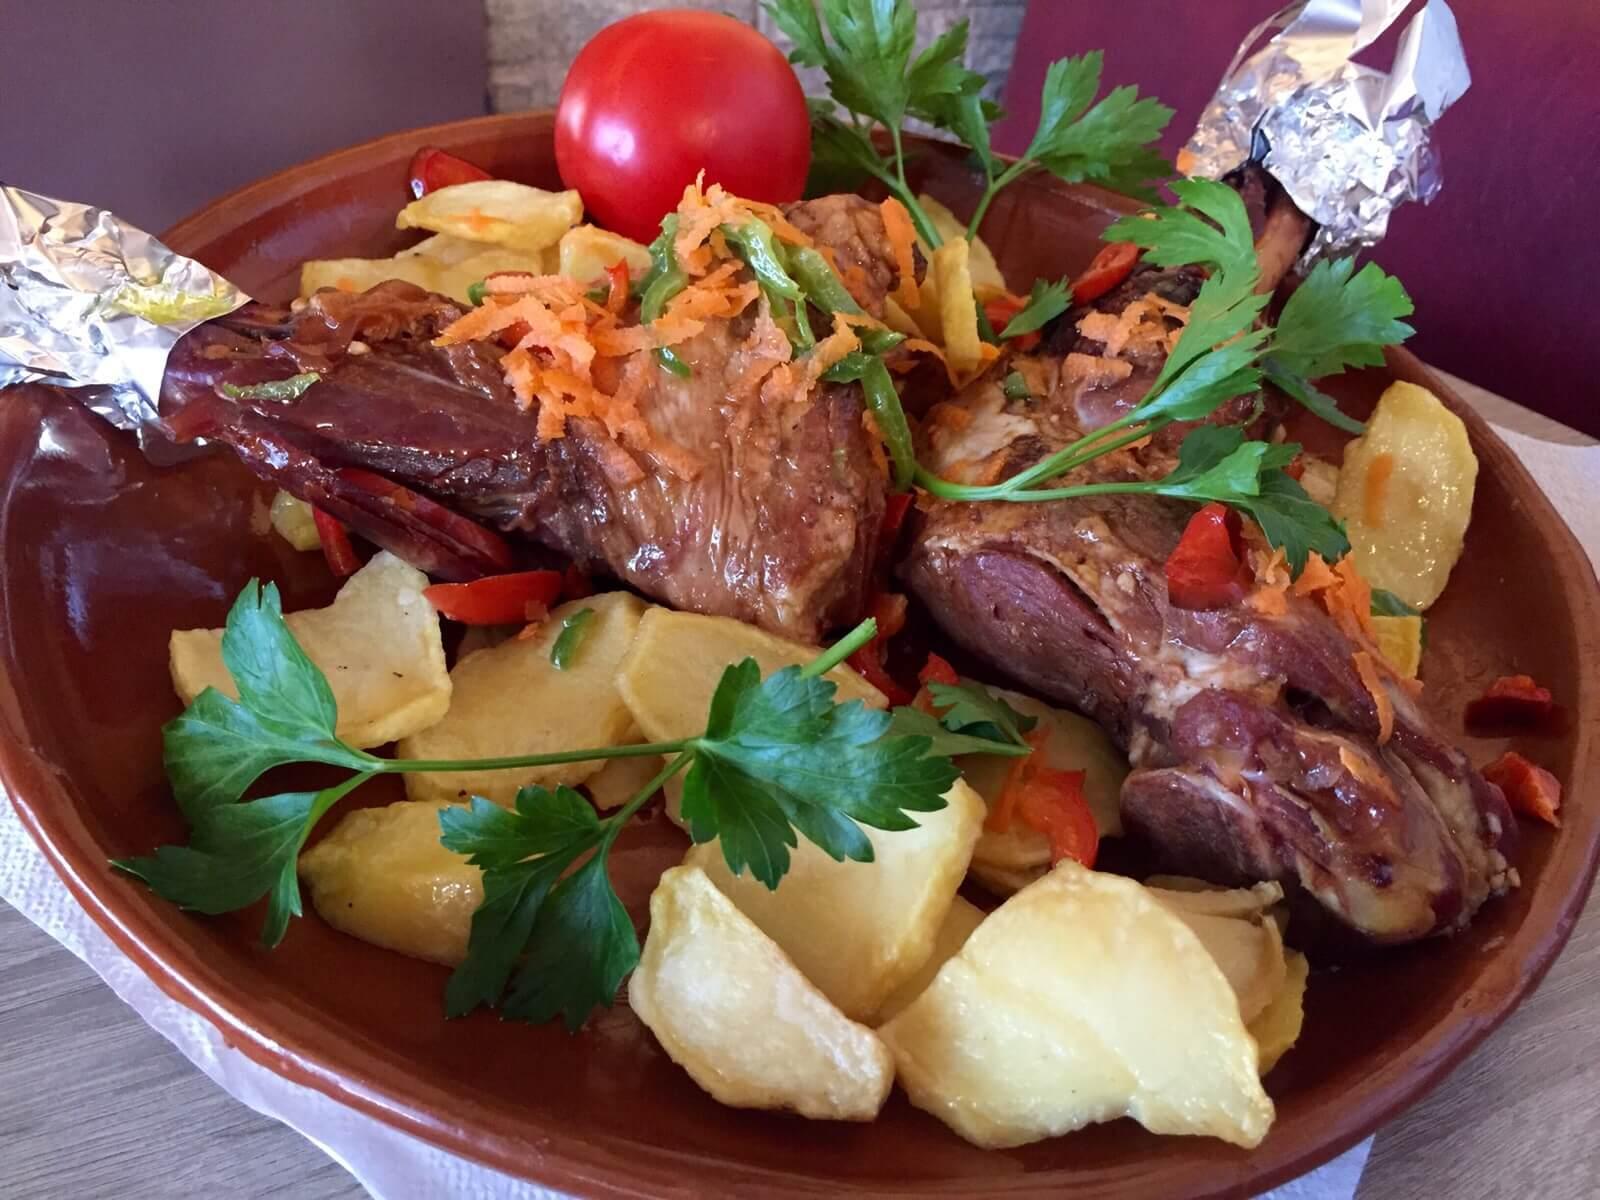 lavaqueria-comida-07-cordero-al-horno